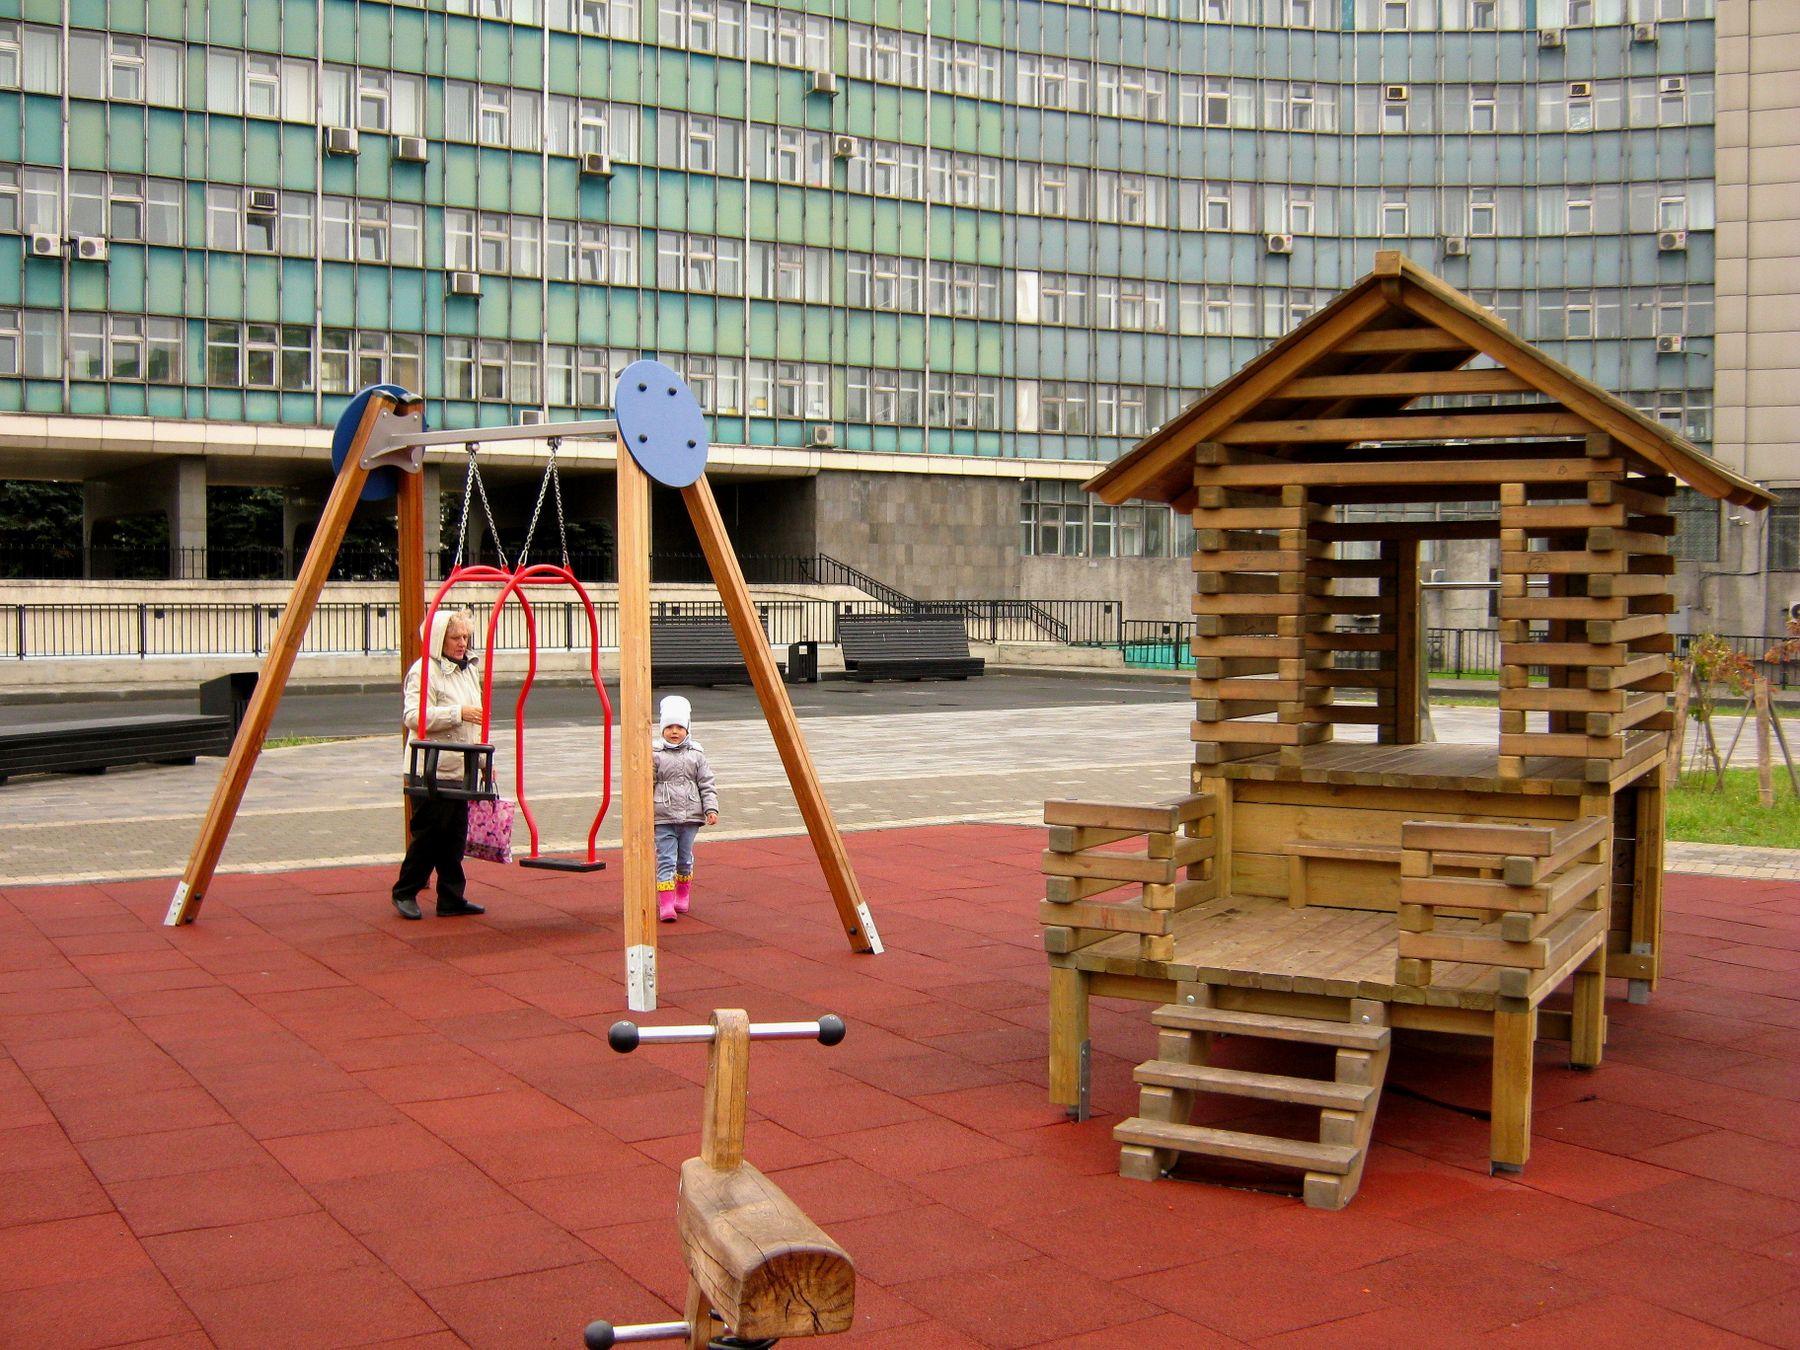 Детская площадка. Путешествия жанр детский мир архитектура